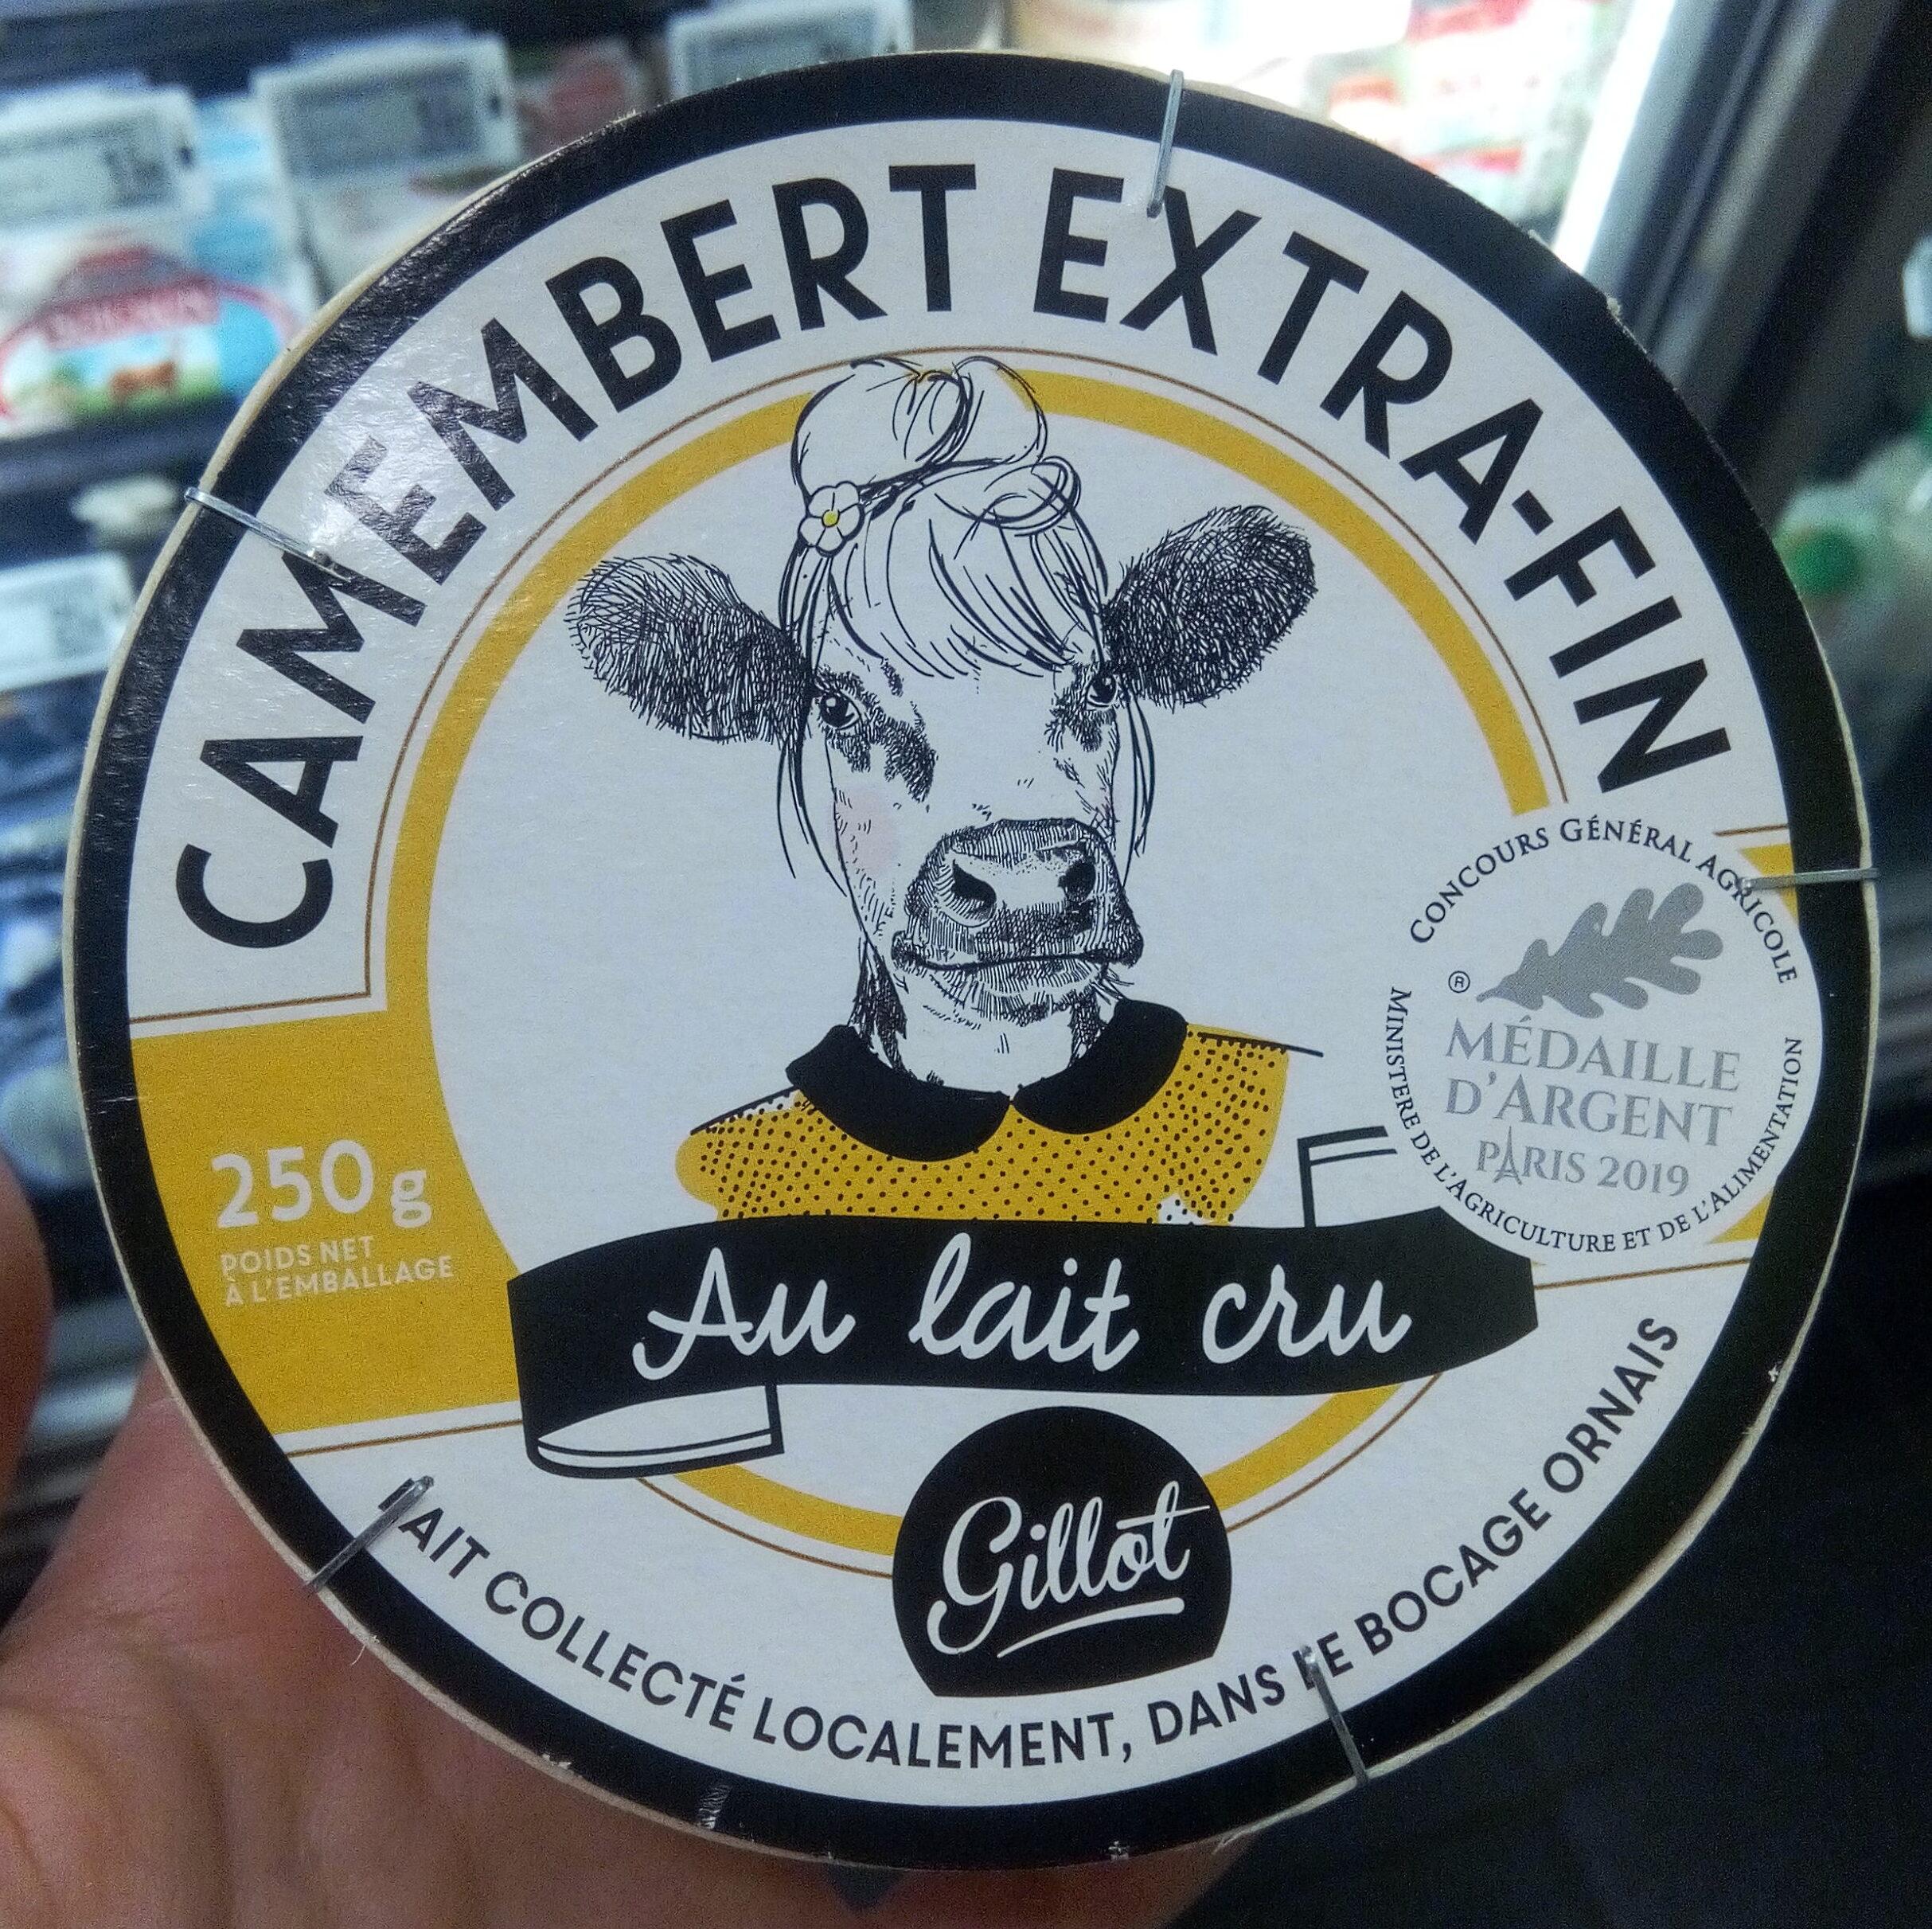 Camembert au lait cru - Product - fr